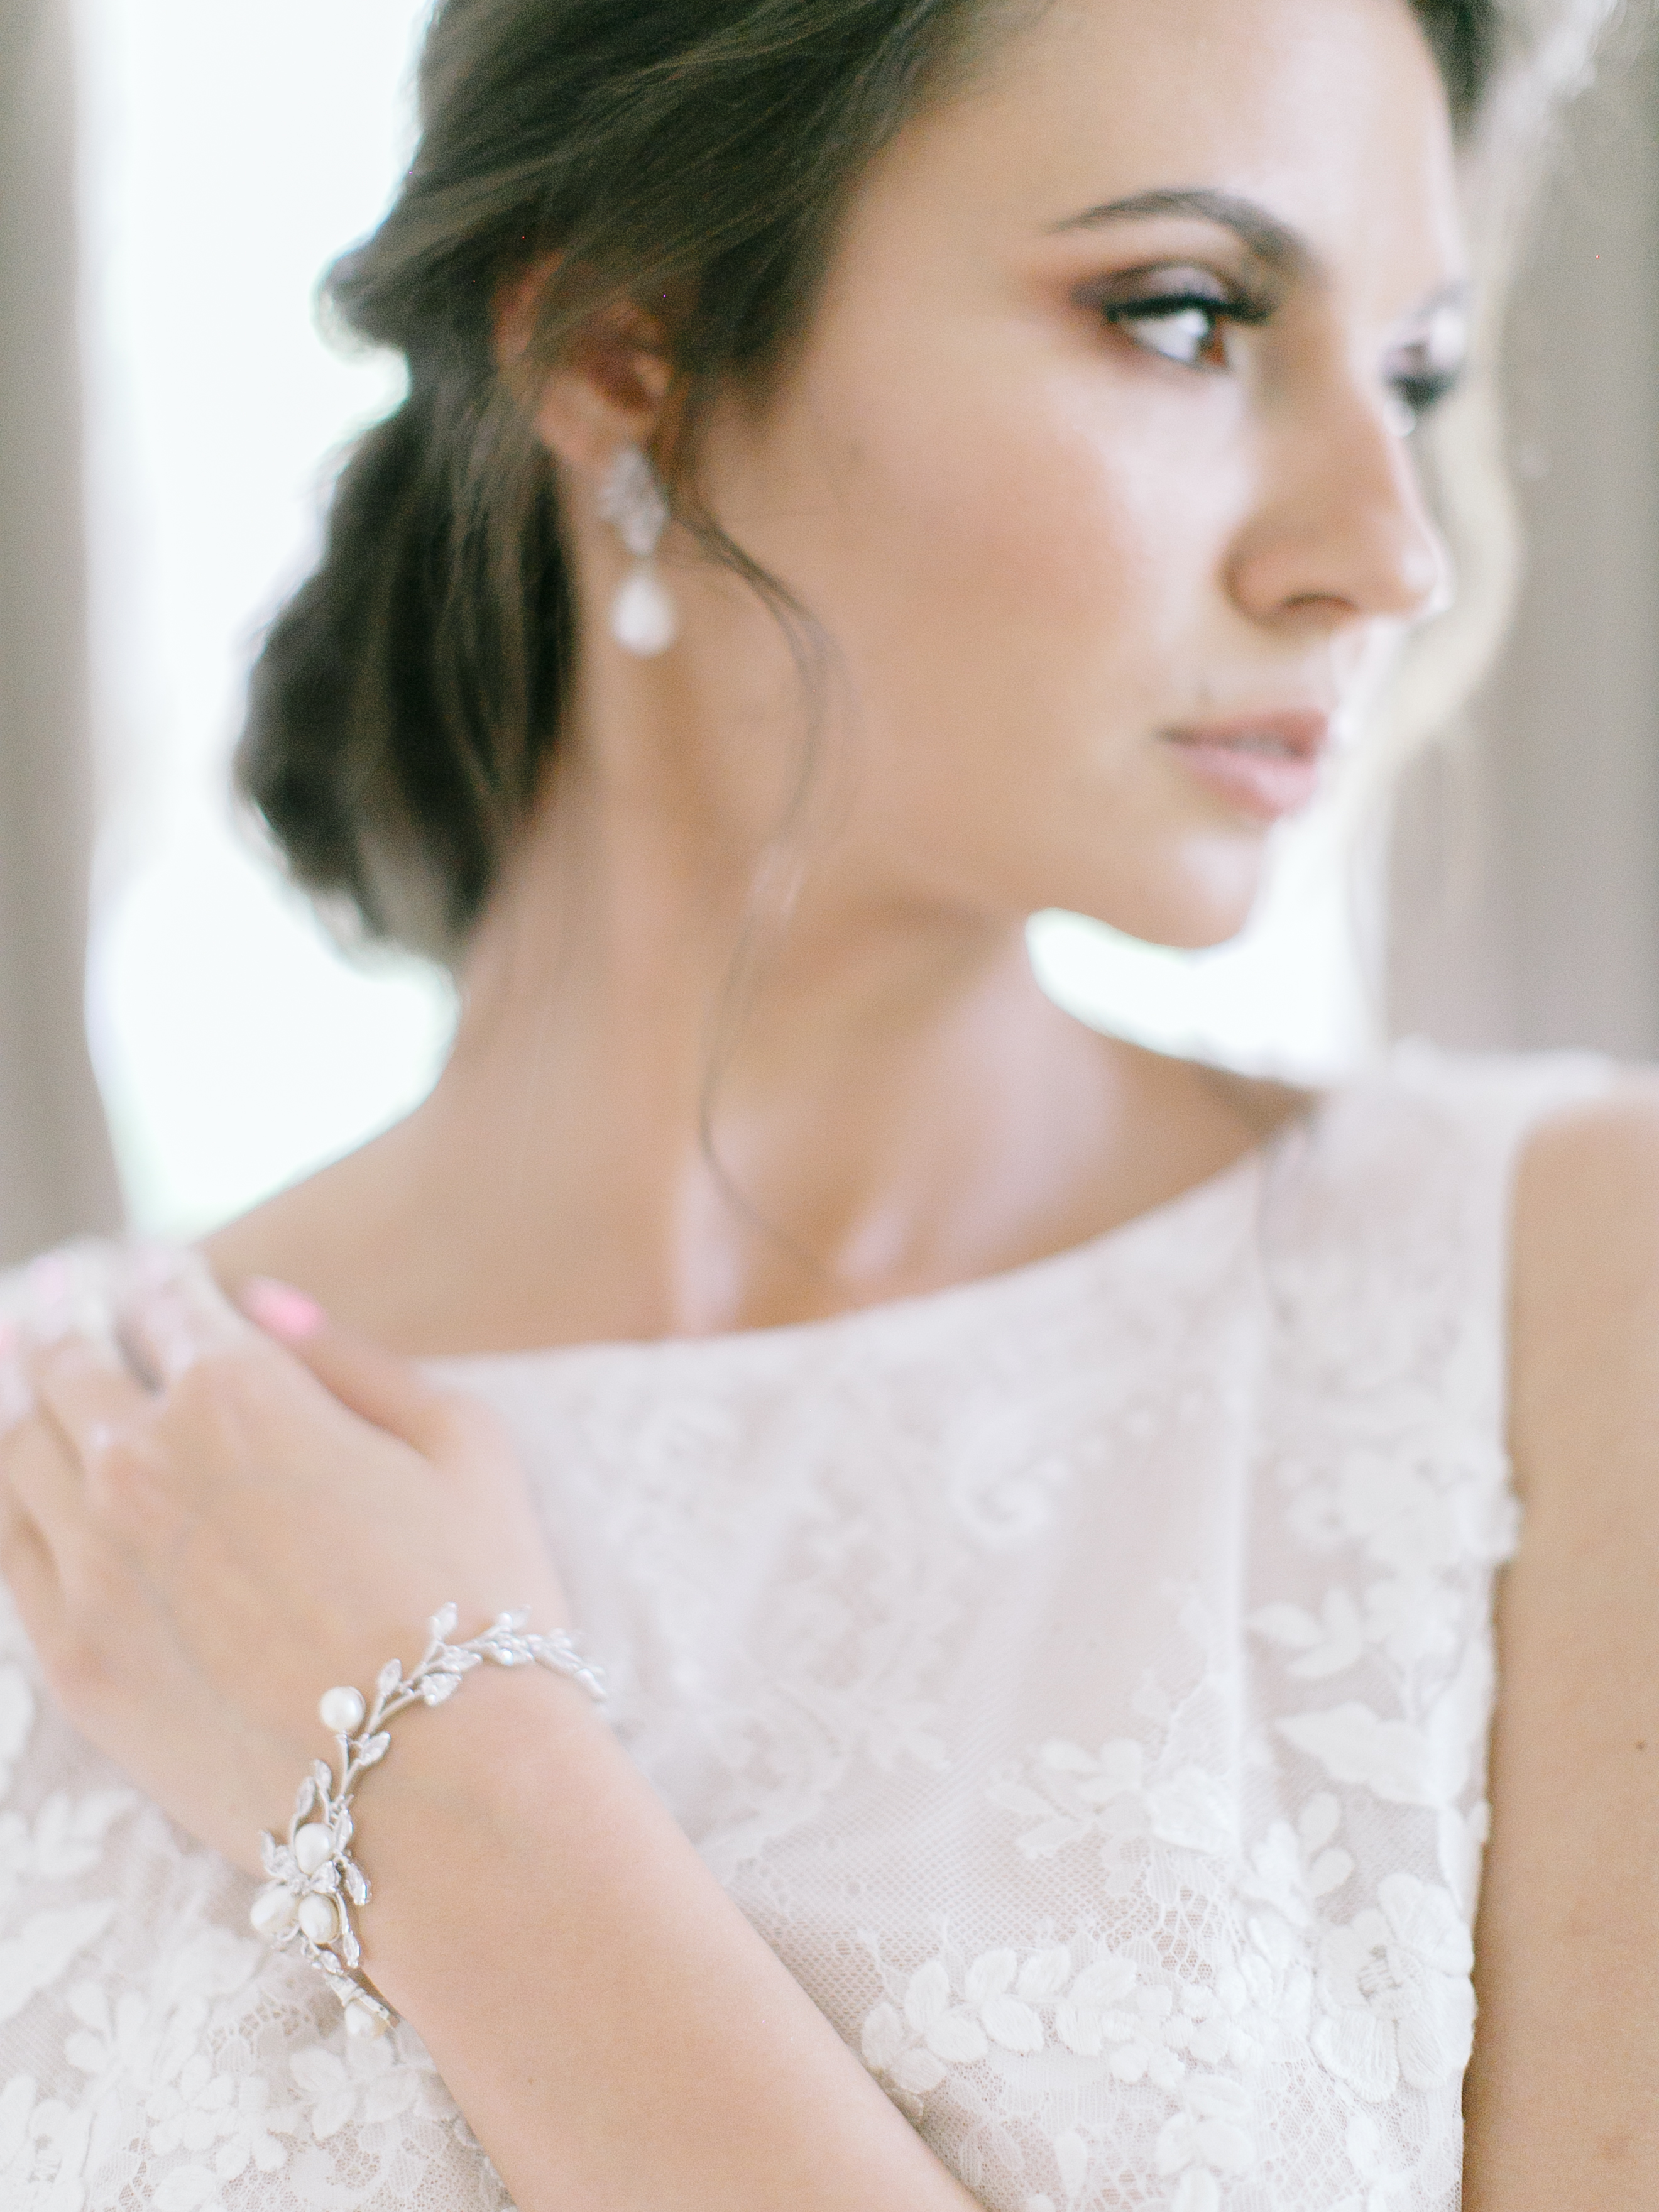 6a3d099176 Biżuteria ślubna do sukni z koronki - Wedding.pl podpowiada